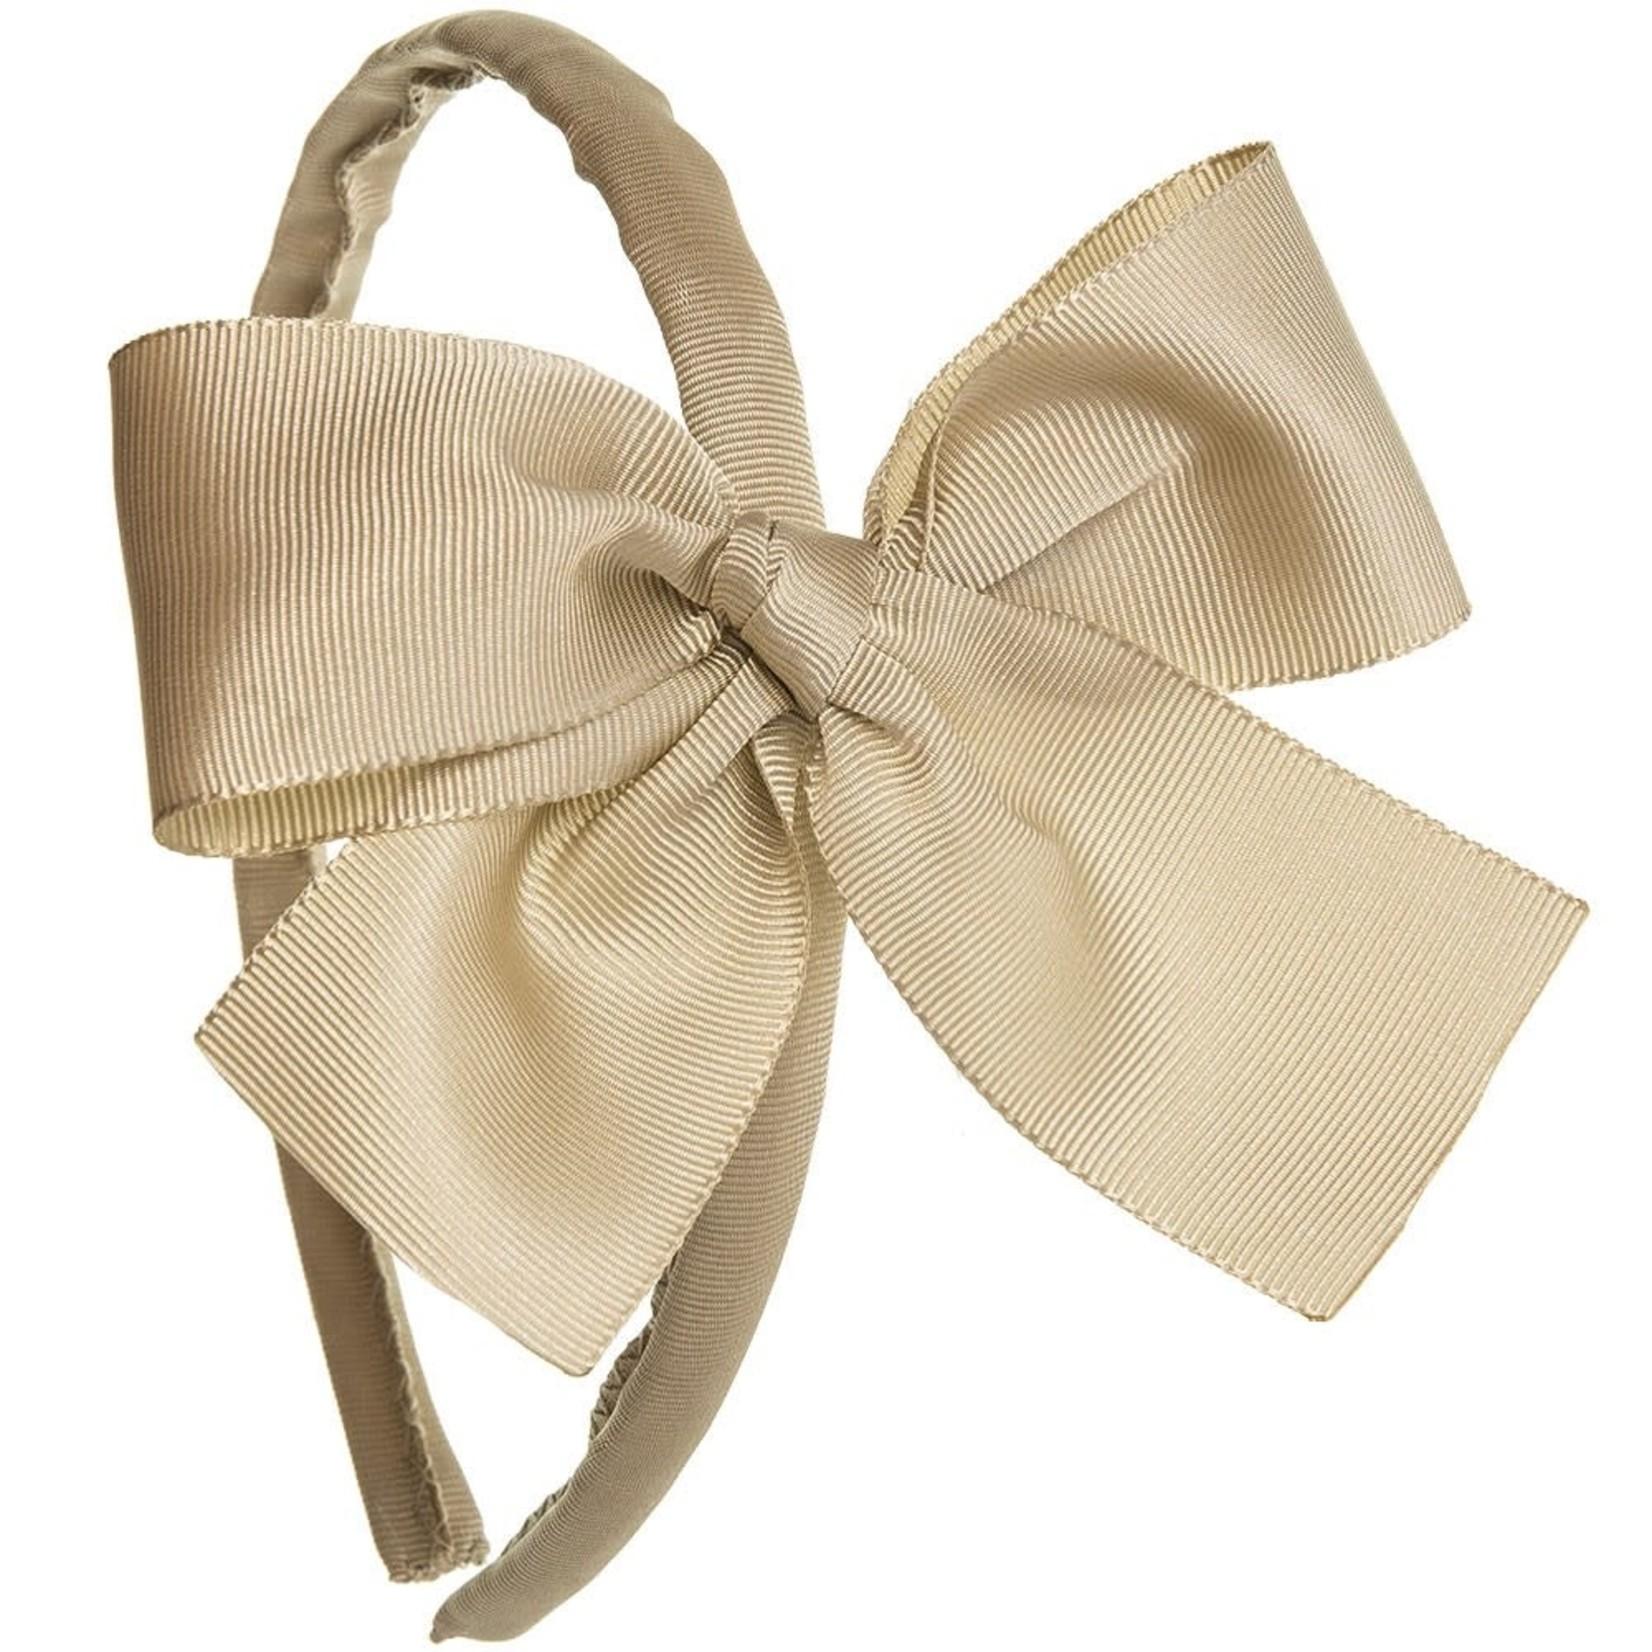 Siena Diadeem Large Bow - Beige